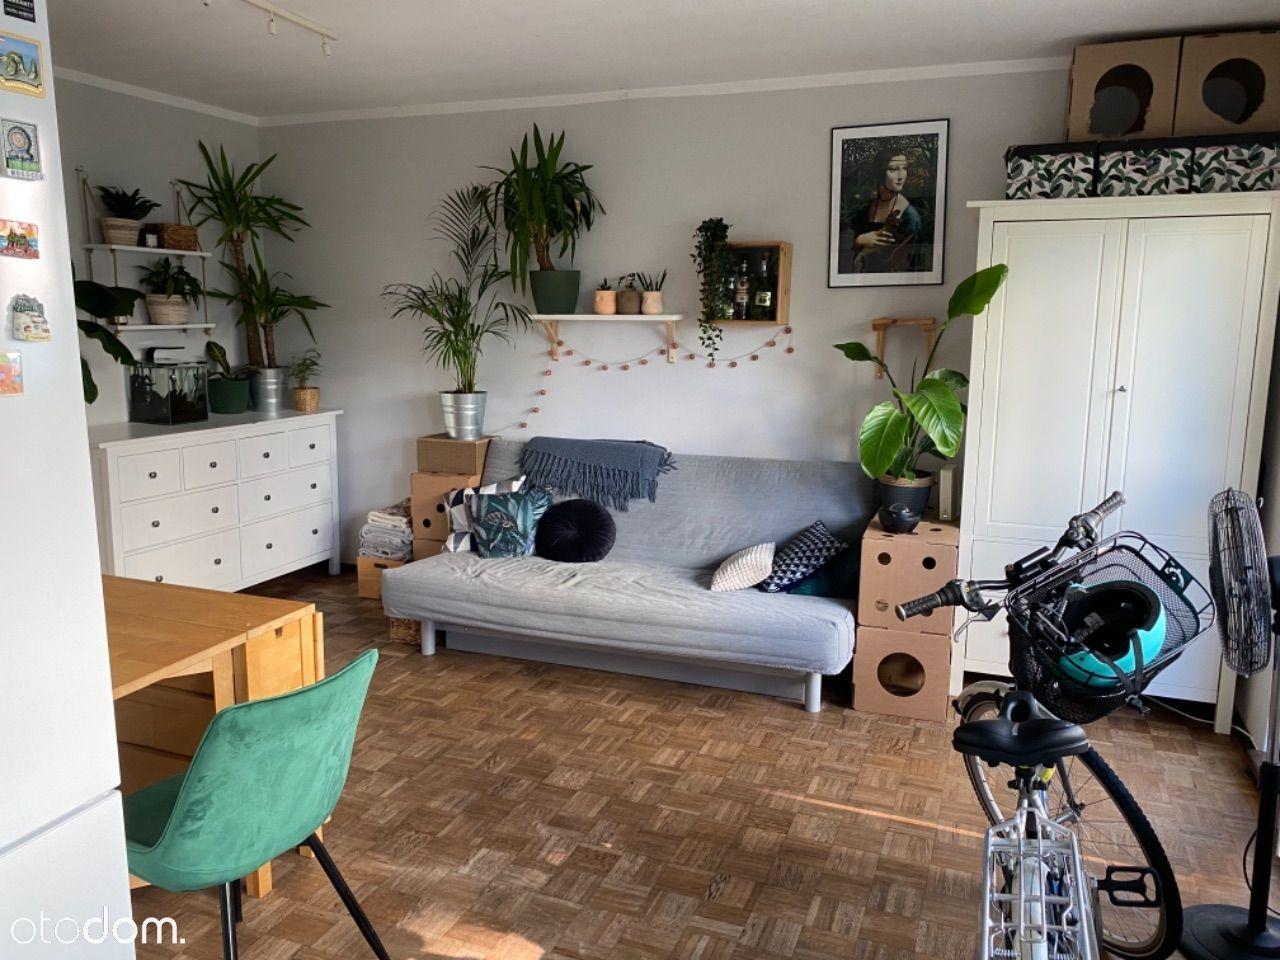 Miszkanie Tarchomin ul. Odkryta, 2 pokoje, balkon